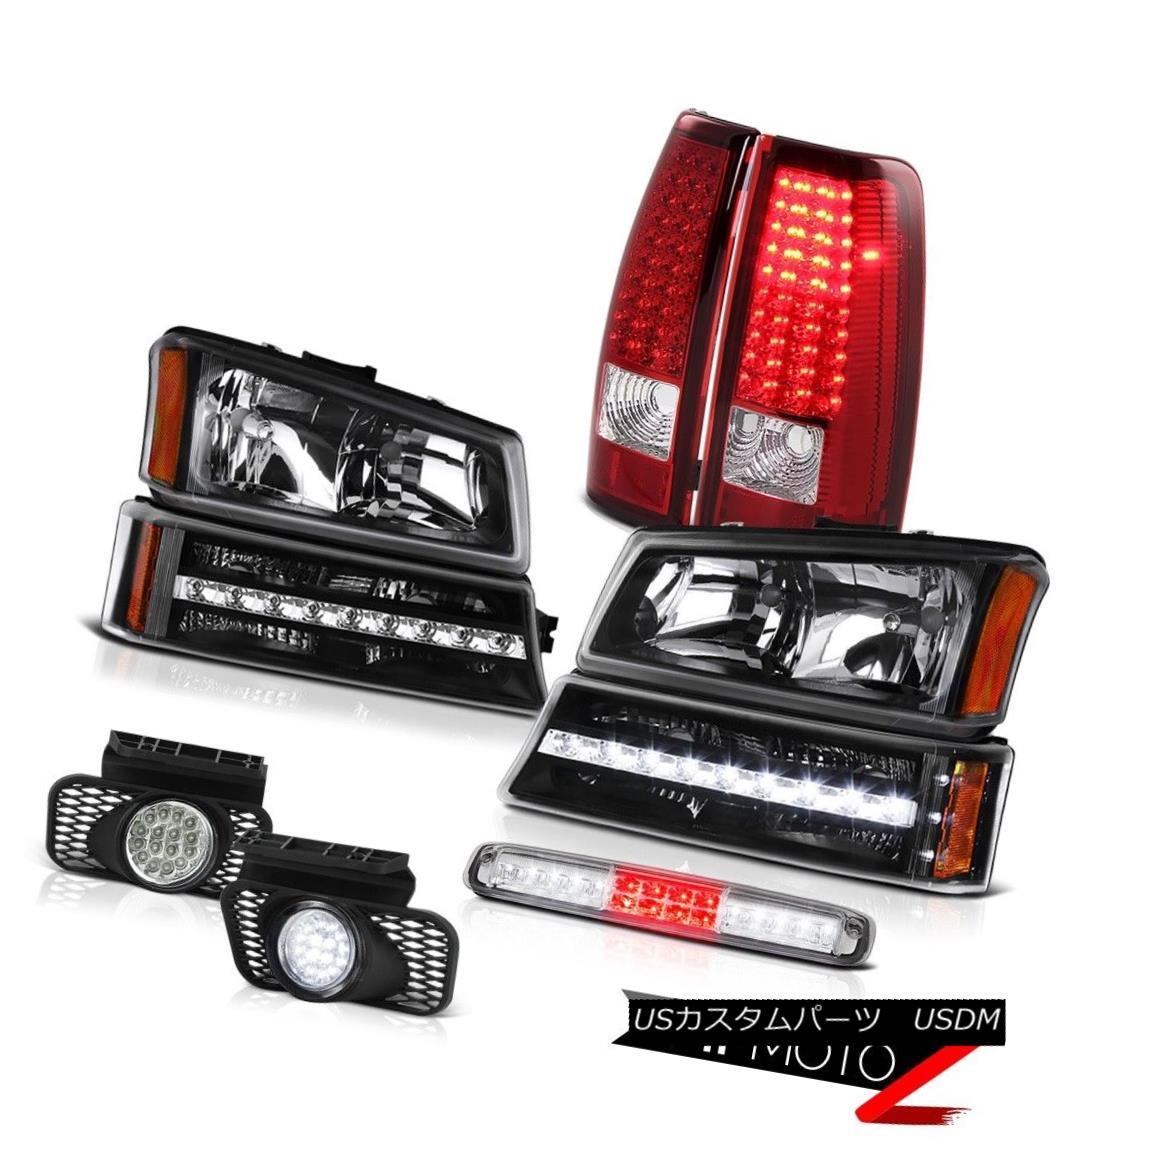 テールライト 03-06 Silverado Roof Cab Light Black Headlights Foglights Bumper Red Taillamps 03-06 Silveradoルーフキャブライトブラックヘッドライトフォグライトバンパーレッドタイルランプ